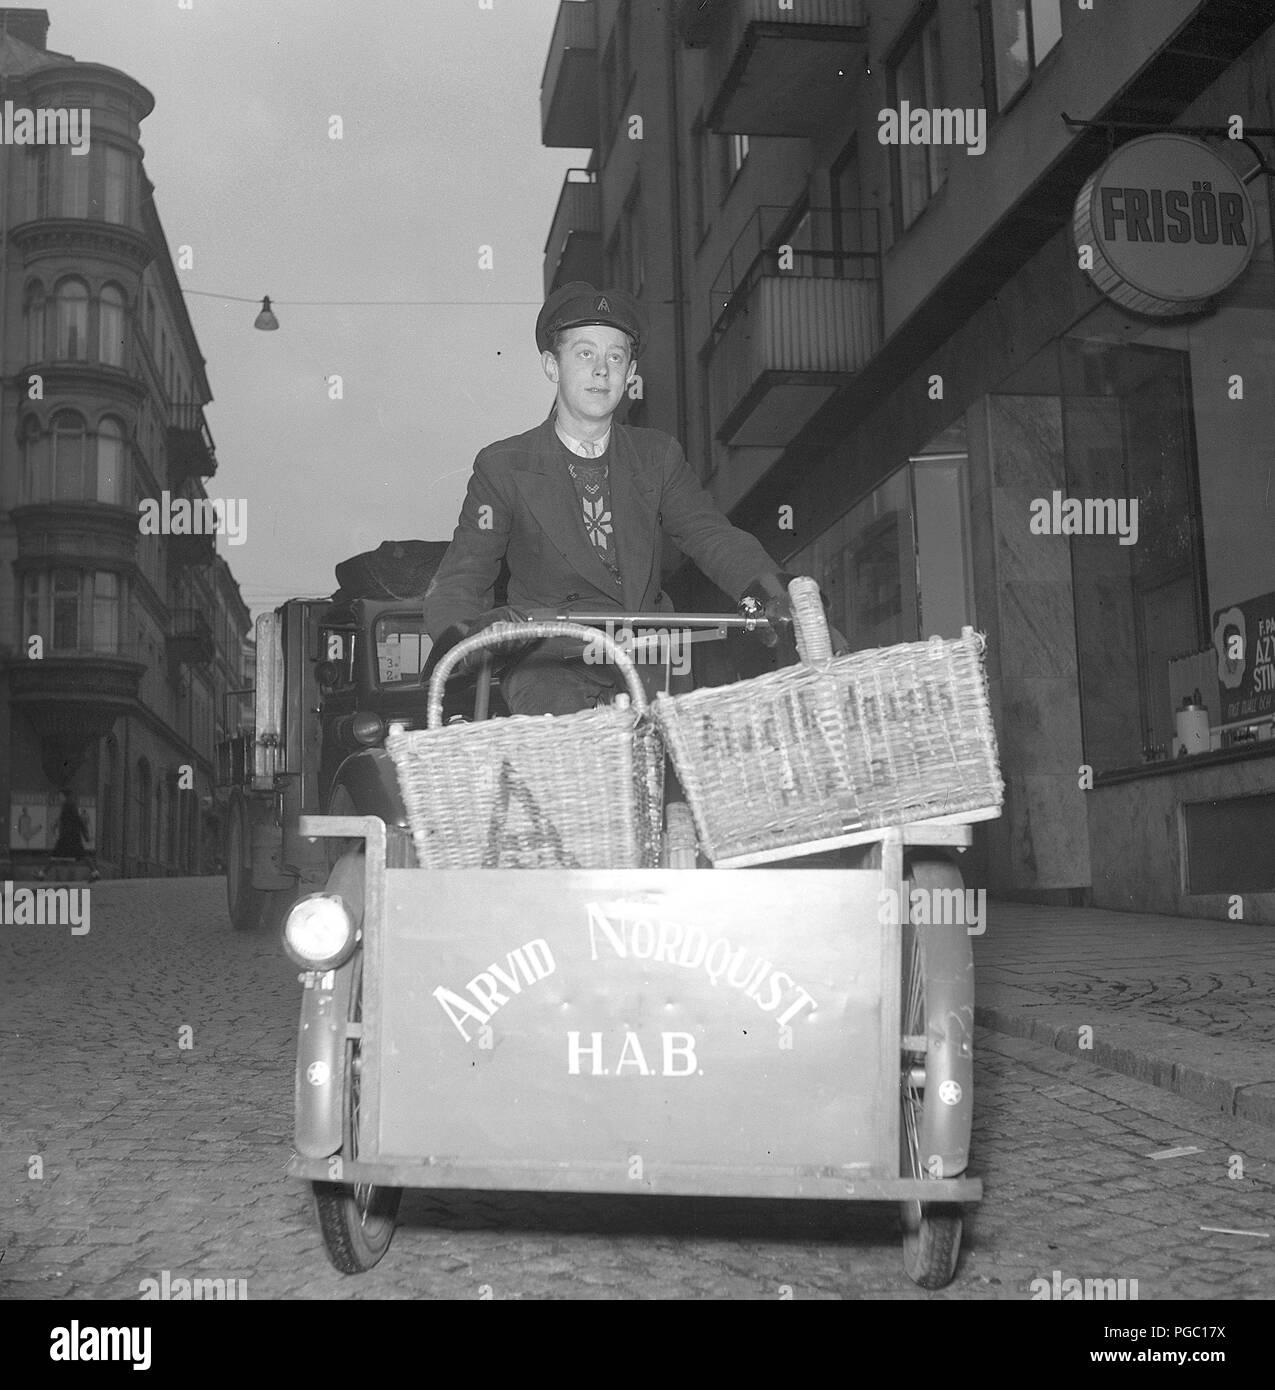 1940 s Fahrrad Transport. Ein Mann als Delivery Man mit Lebensmitteln auf seinem Fahrrad zu den Klienten von der Firma Arvid Nordquist, der geliefert werden soll. Schweden 1940. Foto Kristoffersson A125-2 Stockbild